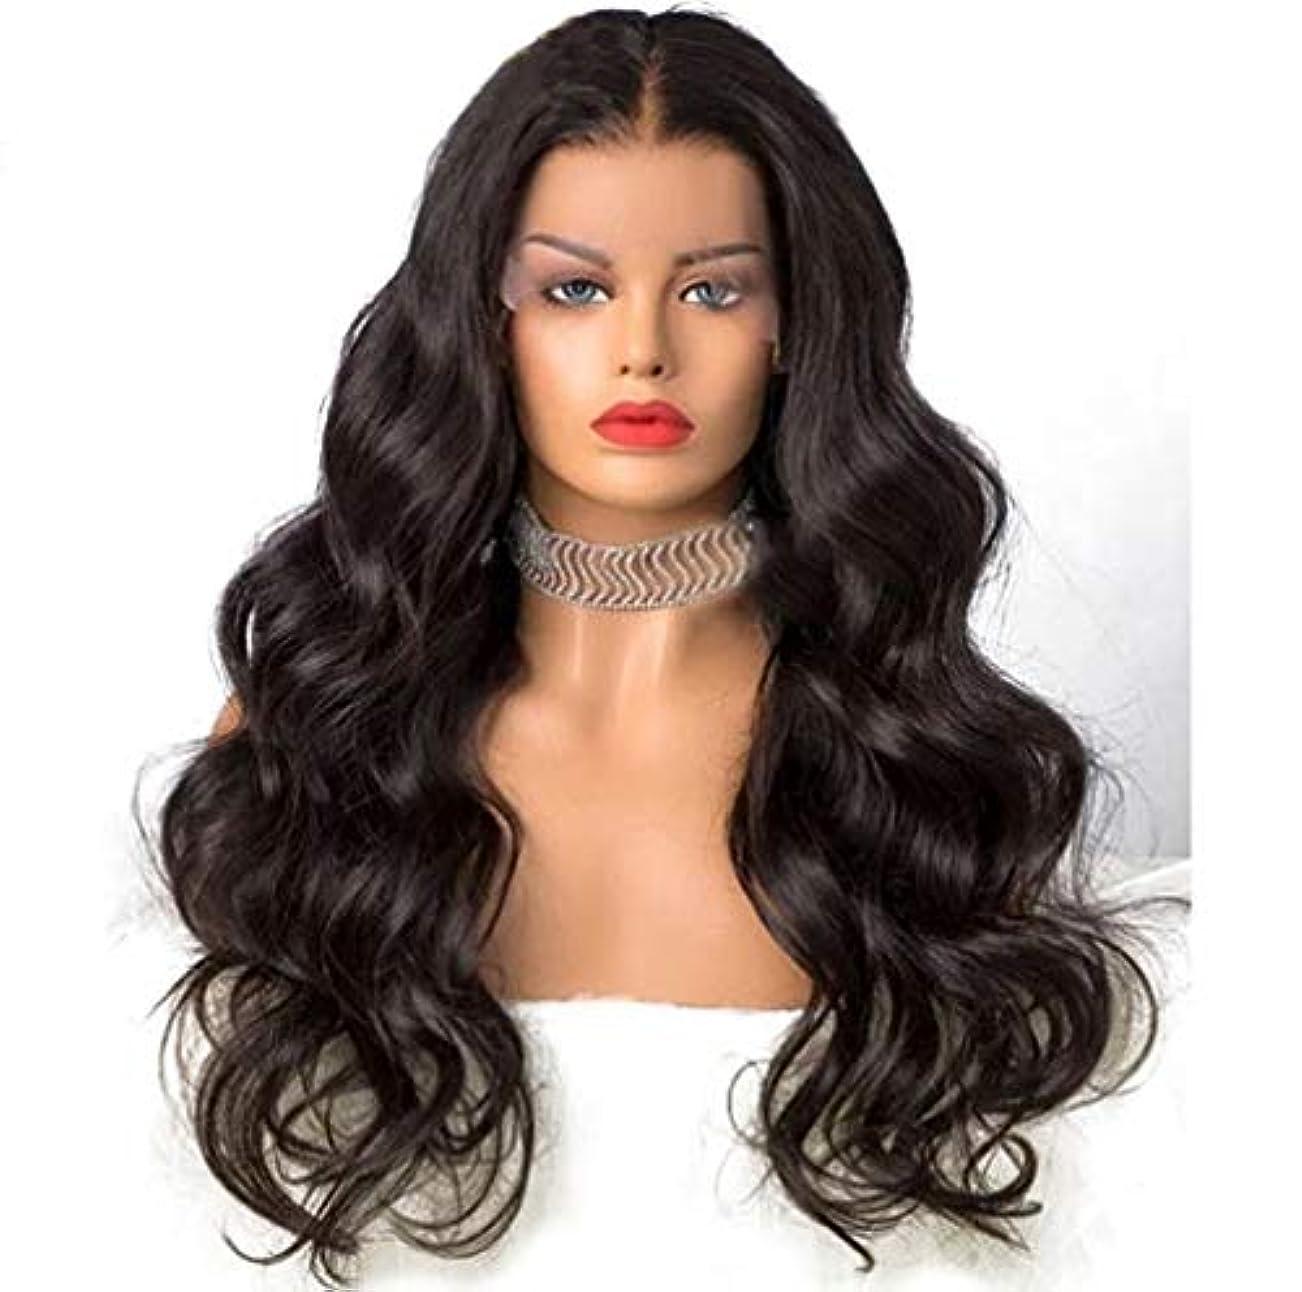 テクトニックショルダー要件女性かつら150%密度フロントレース耐熱合成長い巻き毛かつら人工毛側部かつら